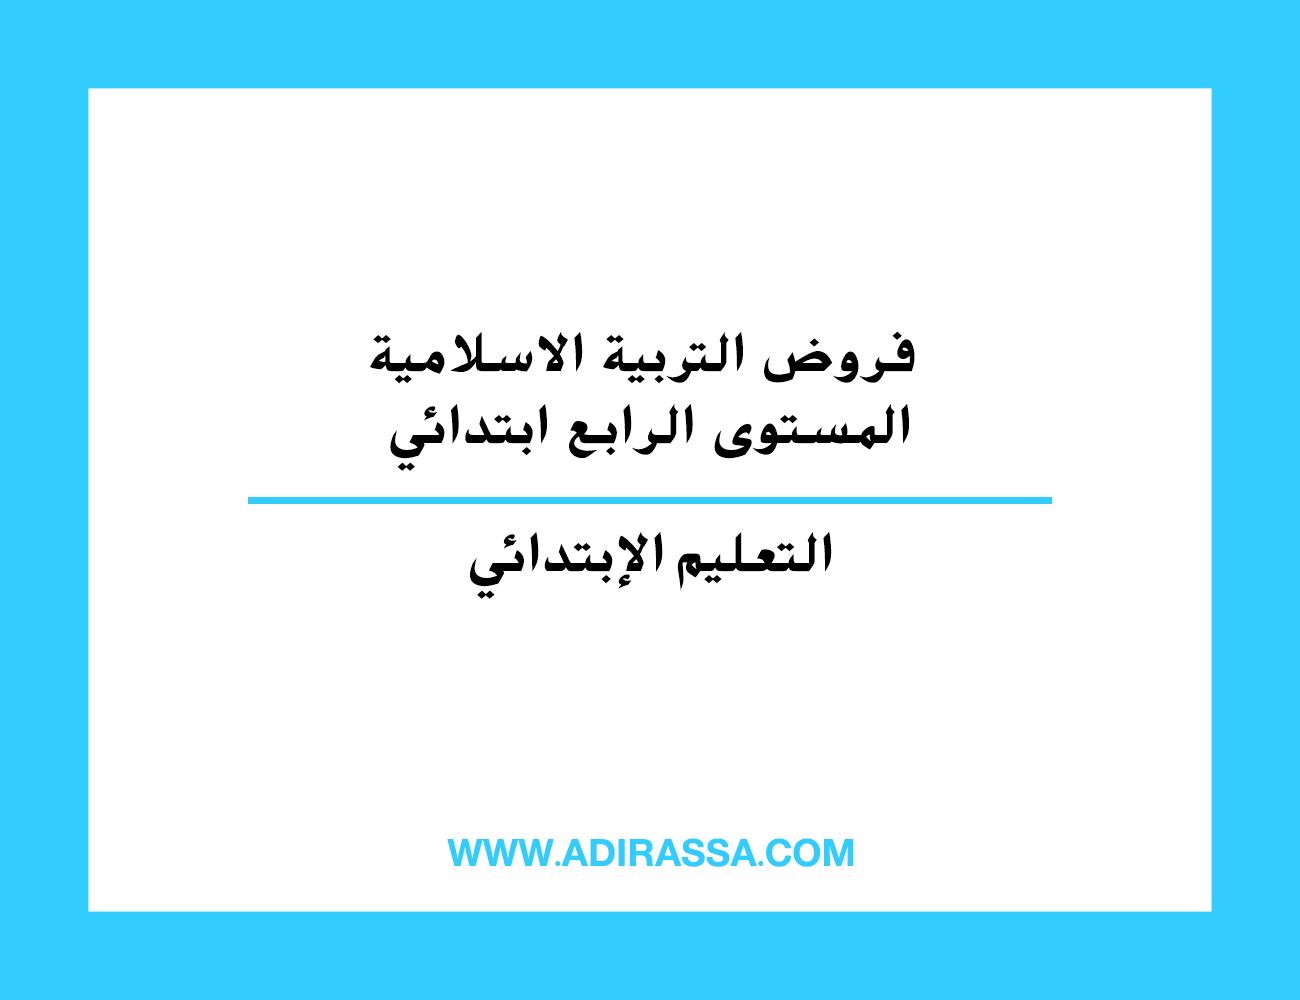 فروض التربية الاسلامية المستوى الرابع ابتدائي في المدرسة المغربية